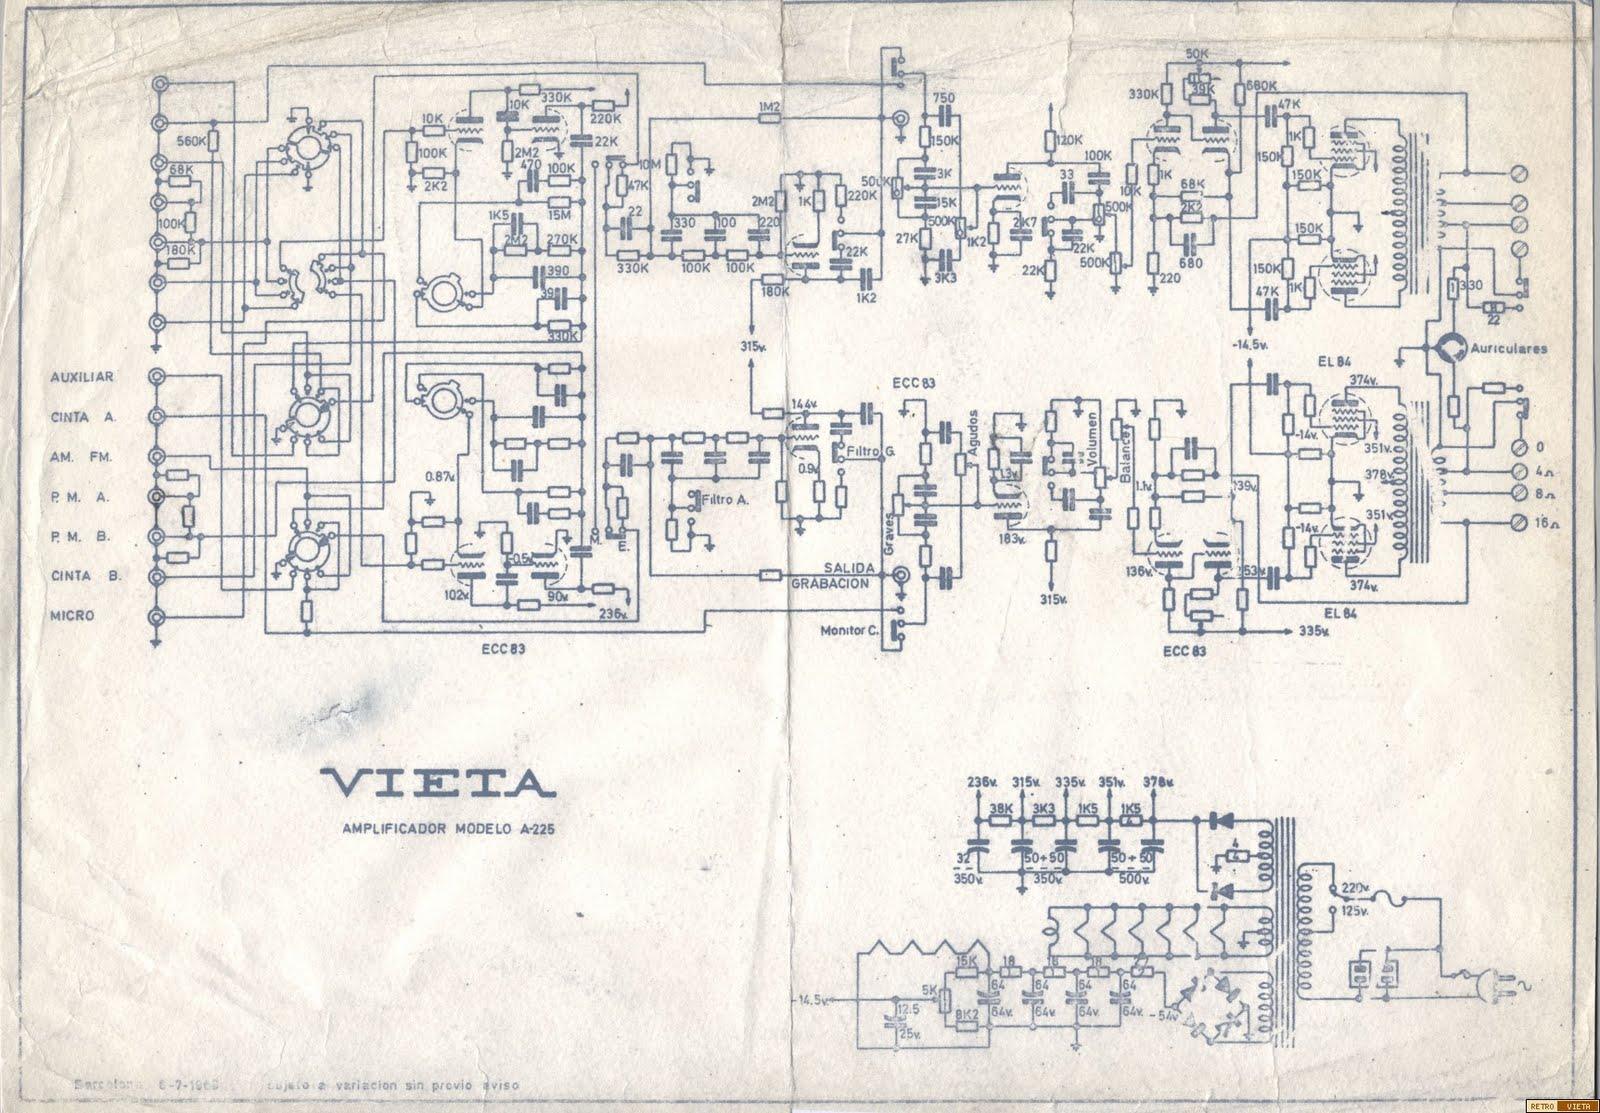 VIETA A-225 + TANNOY BERKELEY Vieta+A225+esquema+electrico+img001